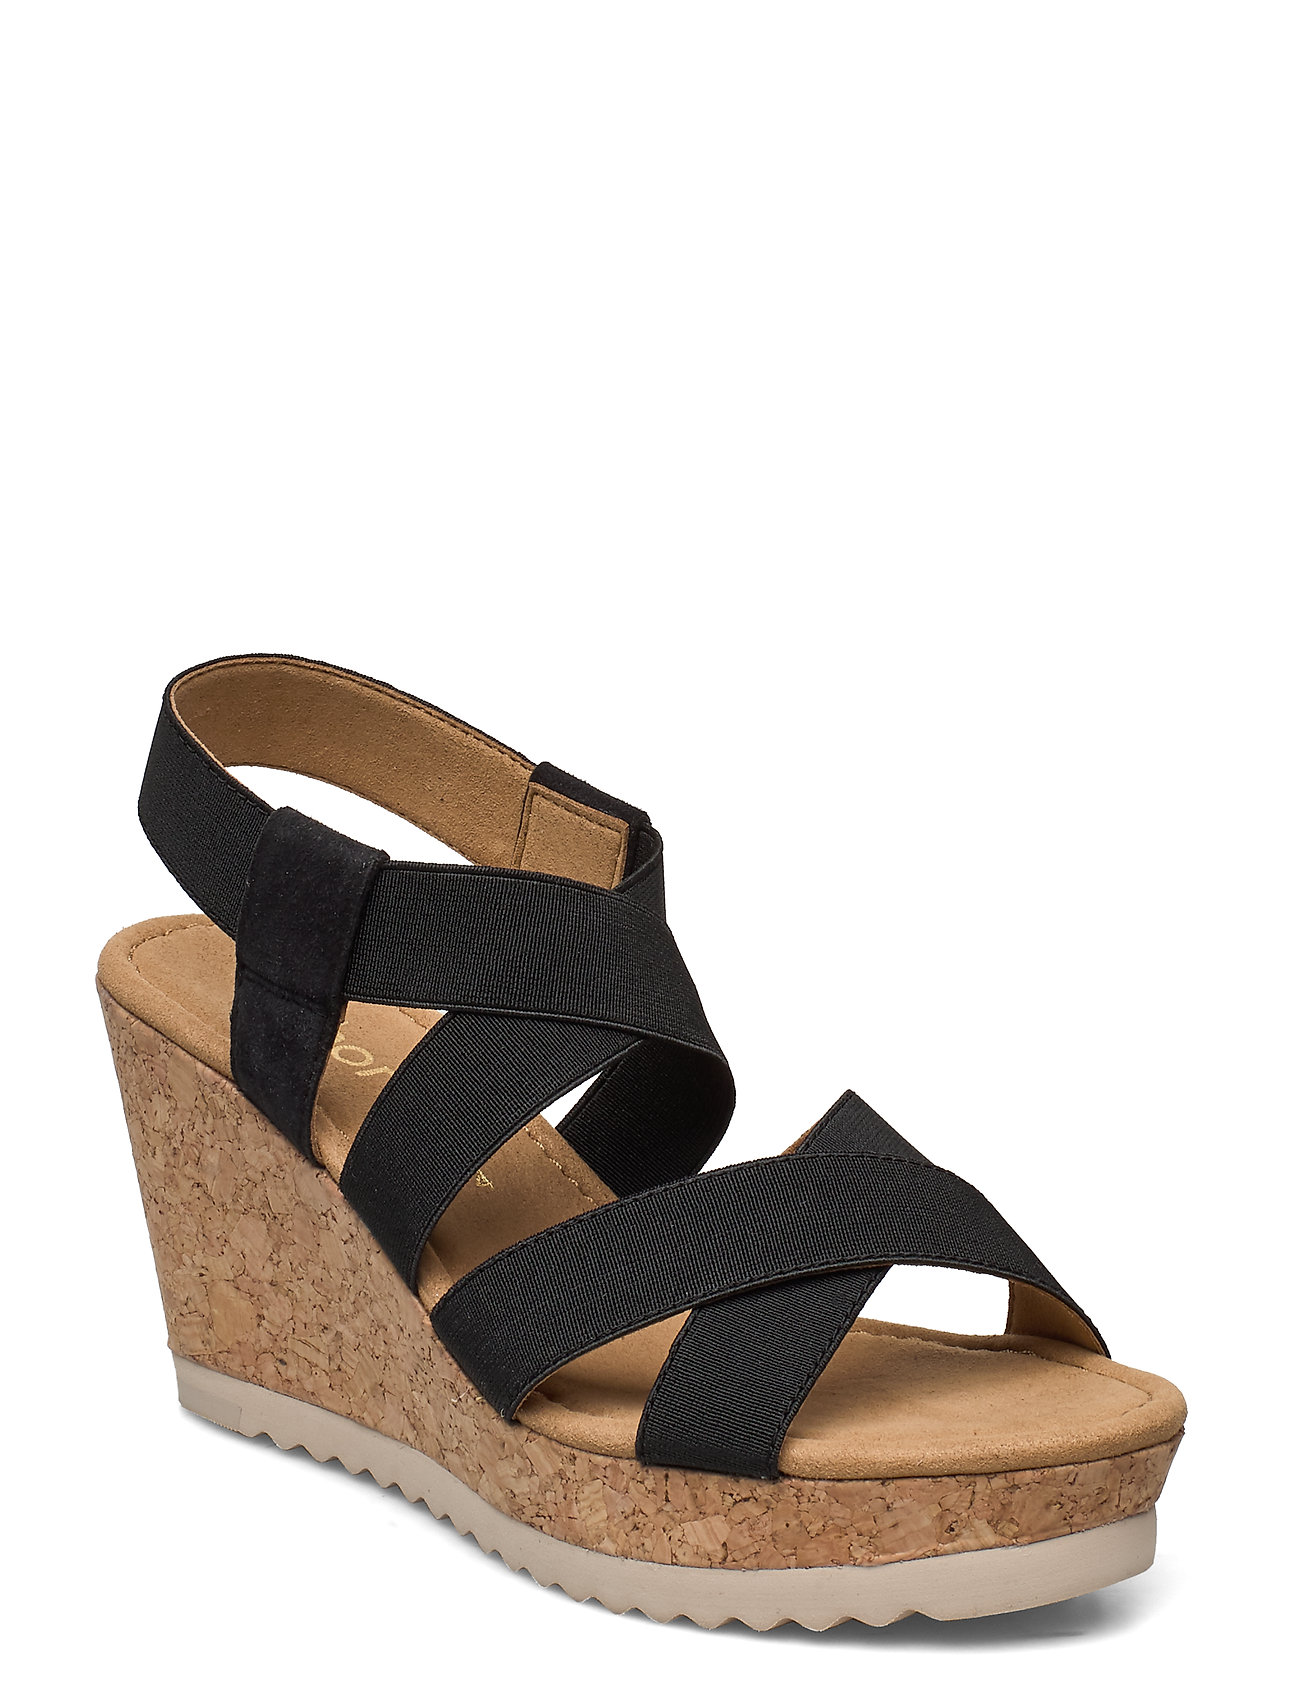 Image of Sandals Sandal Med Hæl Sort Gabor (3406282503)